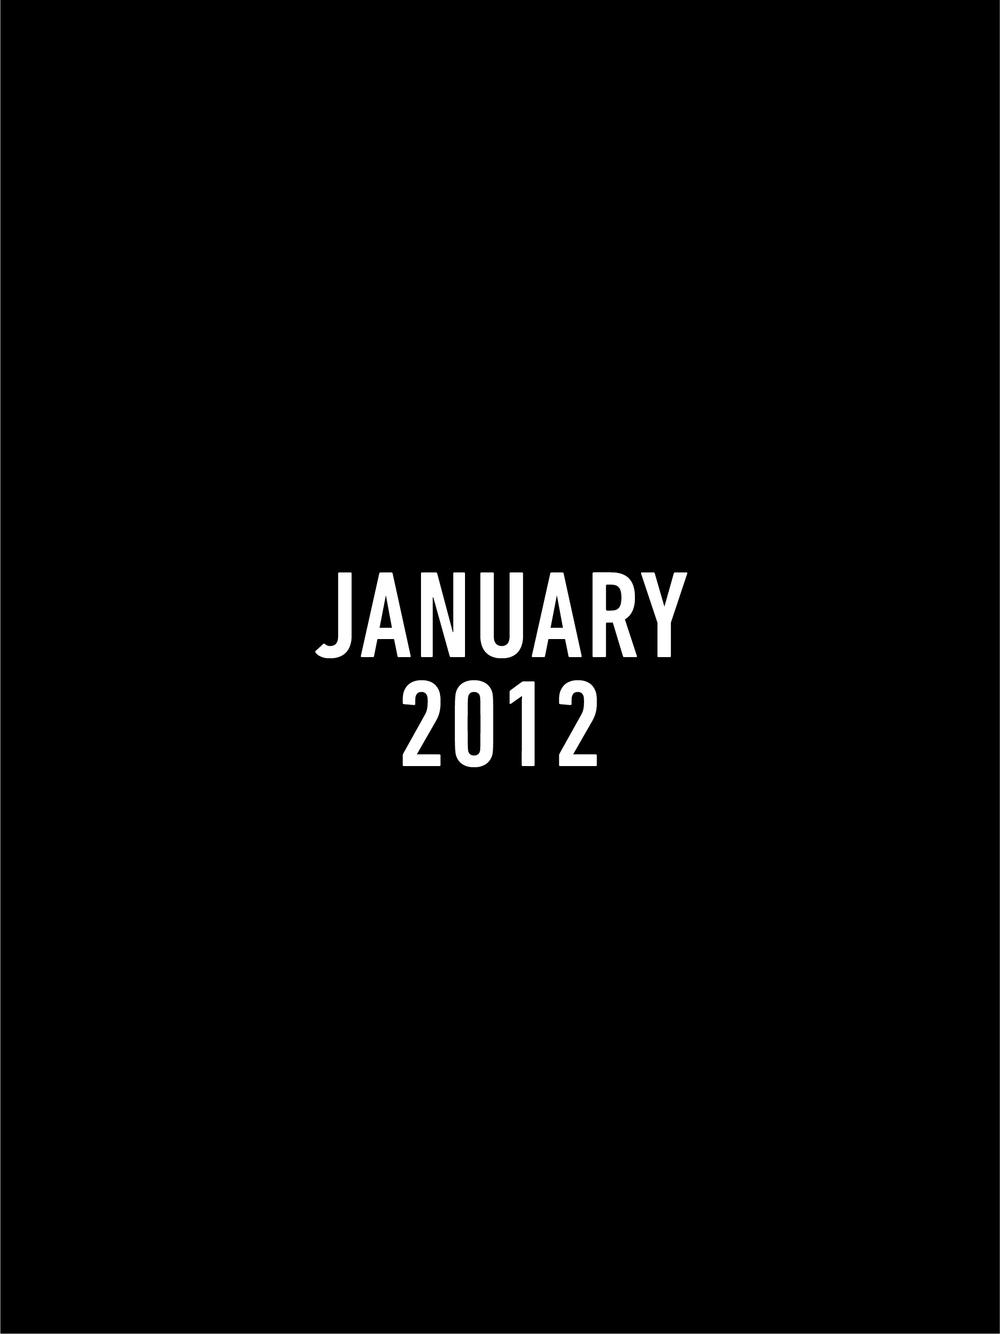 2012 months.jpg